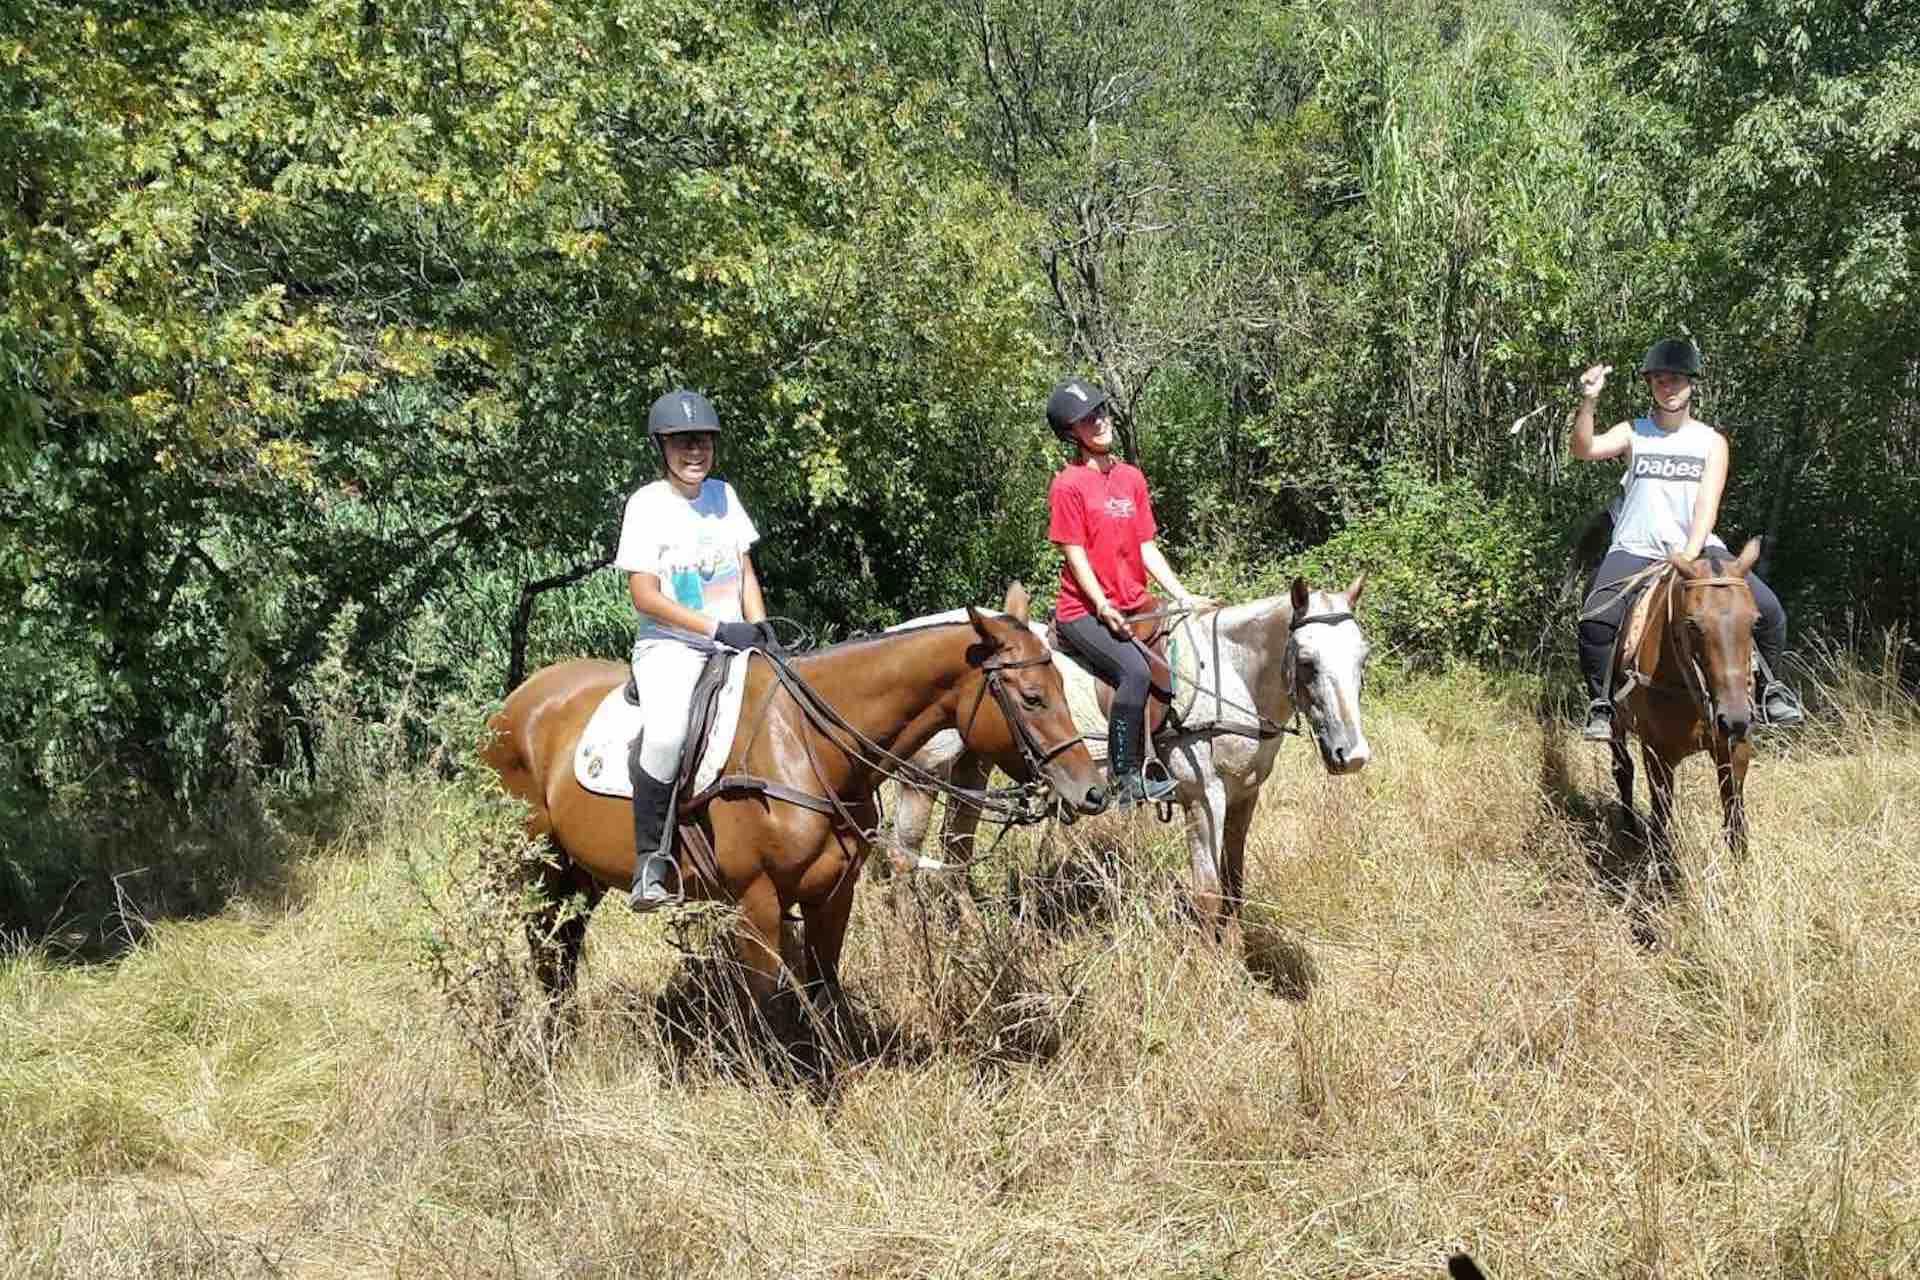 Sport-outdoor-equitazione-finale-ligure-passeggiate-cavallo-liguria-Residenza-Adelaide-008